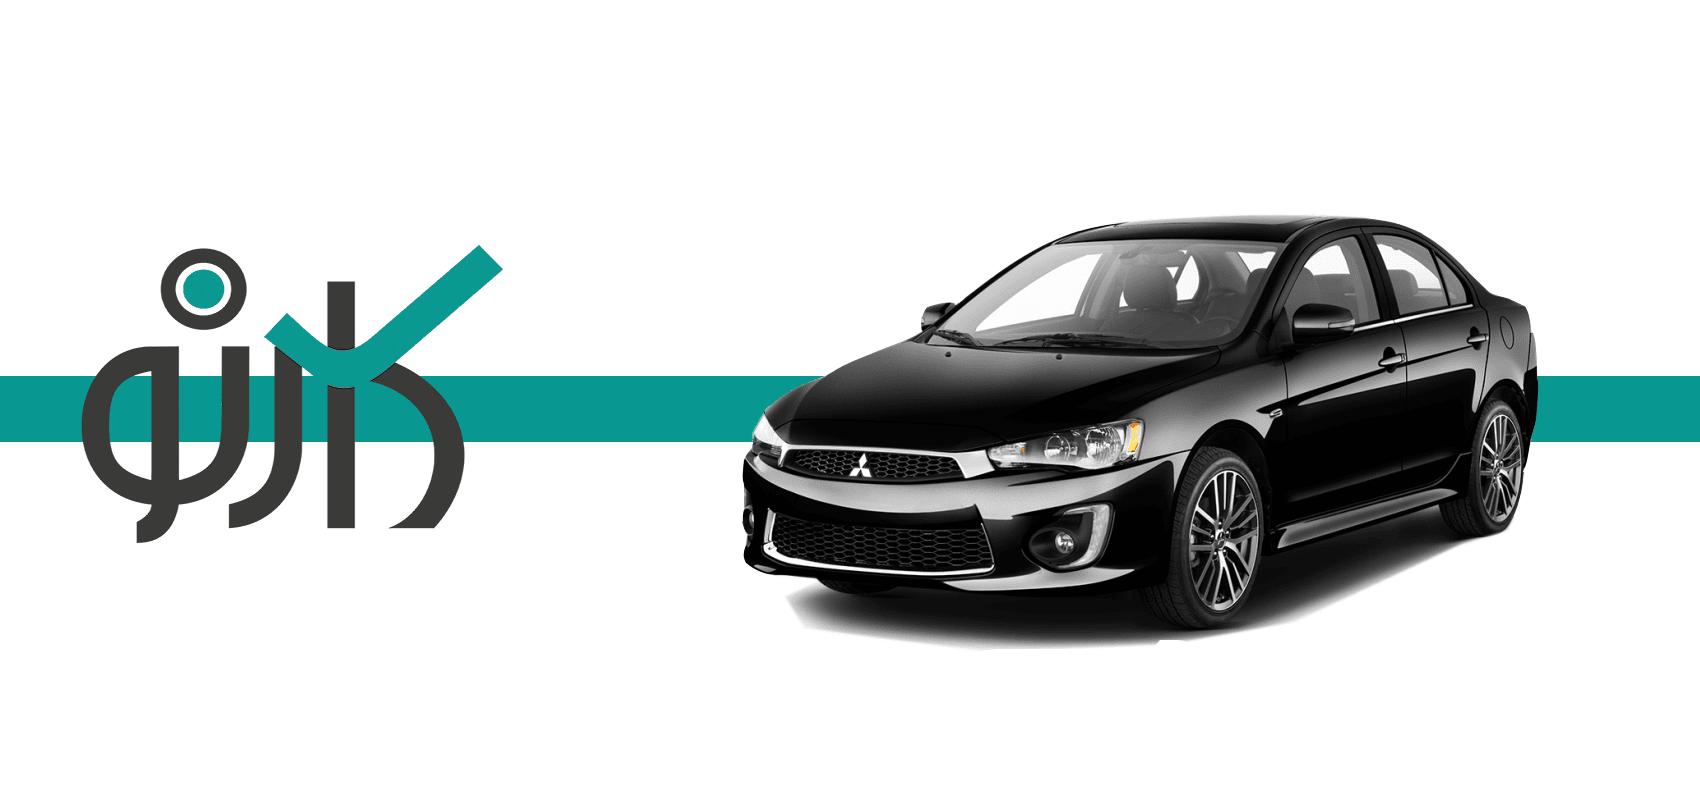 5نکته برای حفظ سلامت خودروی لوکس شما